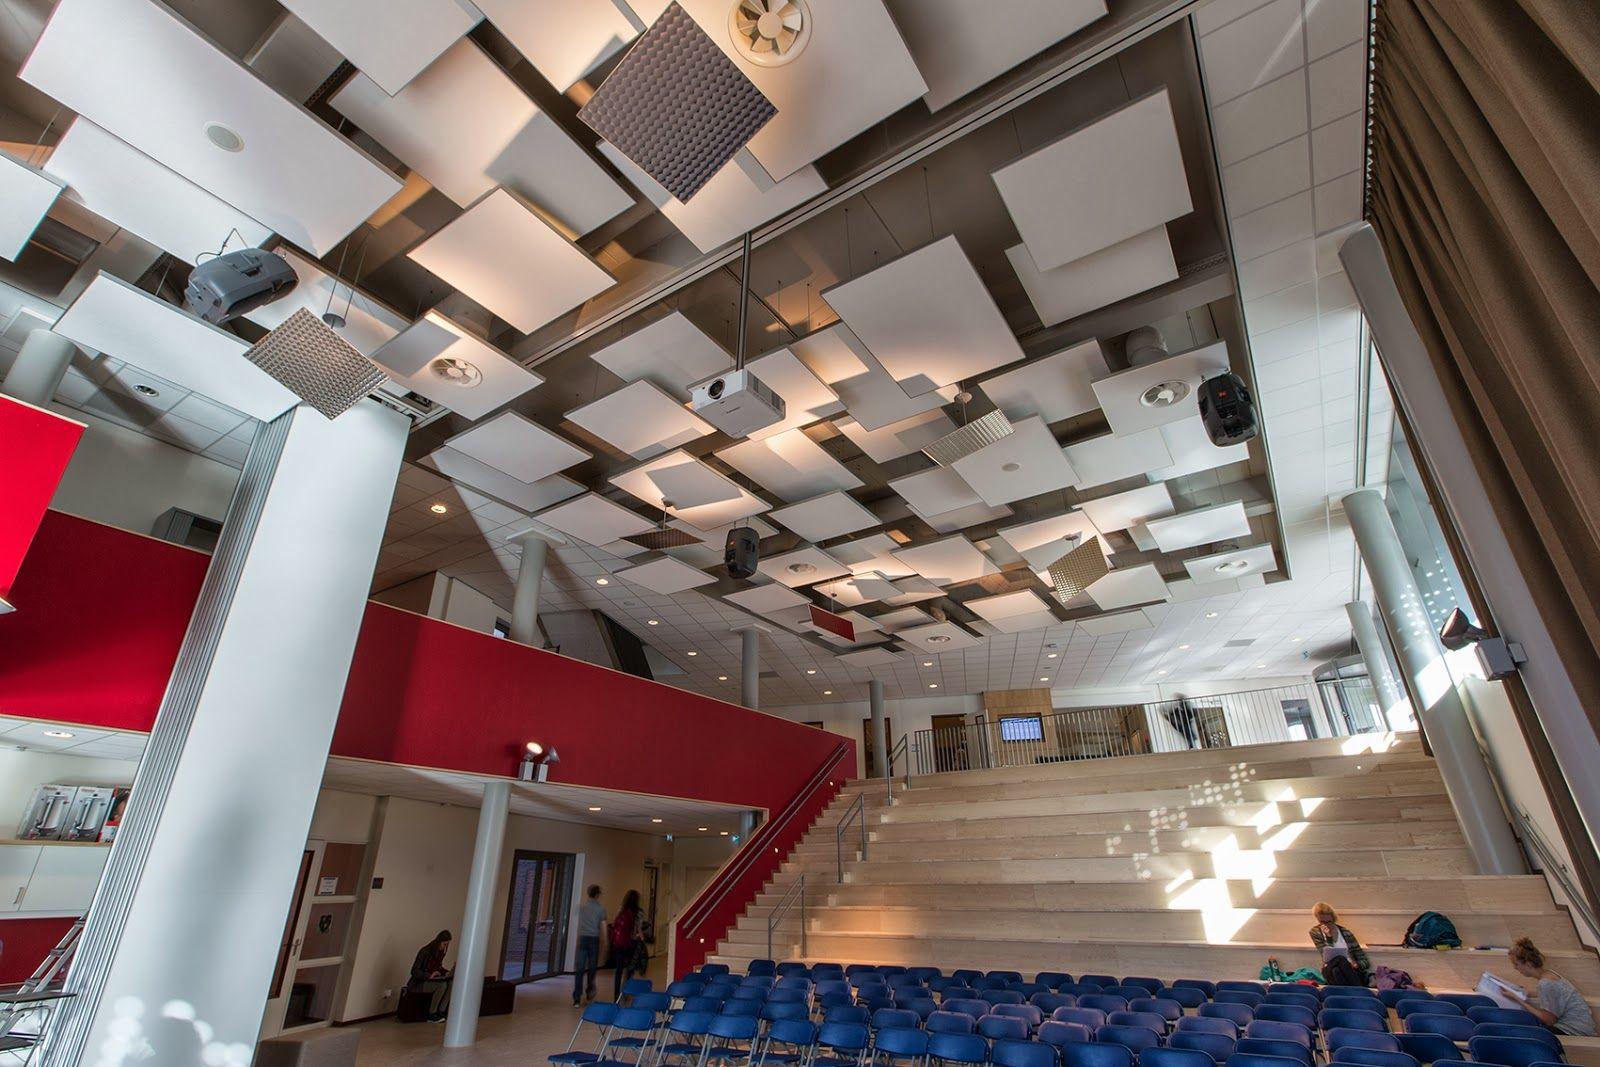 Acoustic ceiling ROCKFON (Islands) UW College Maastricht